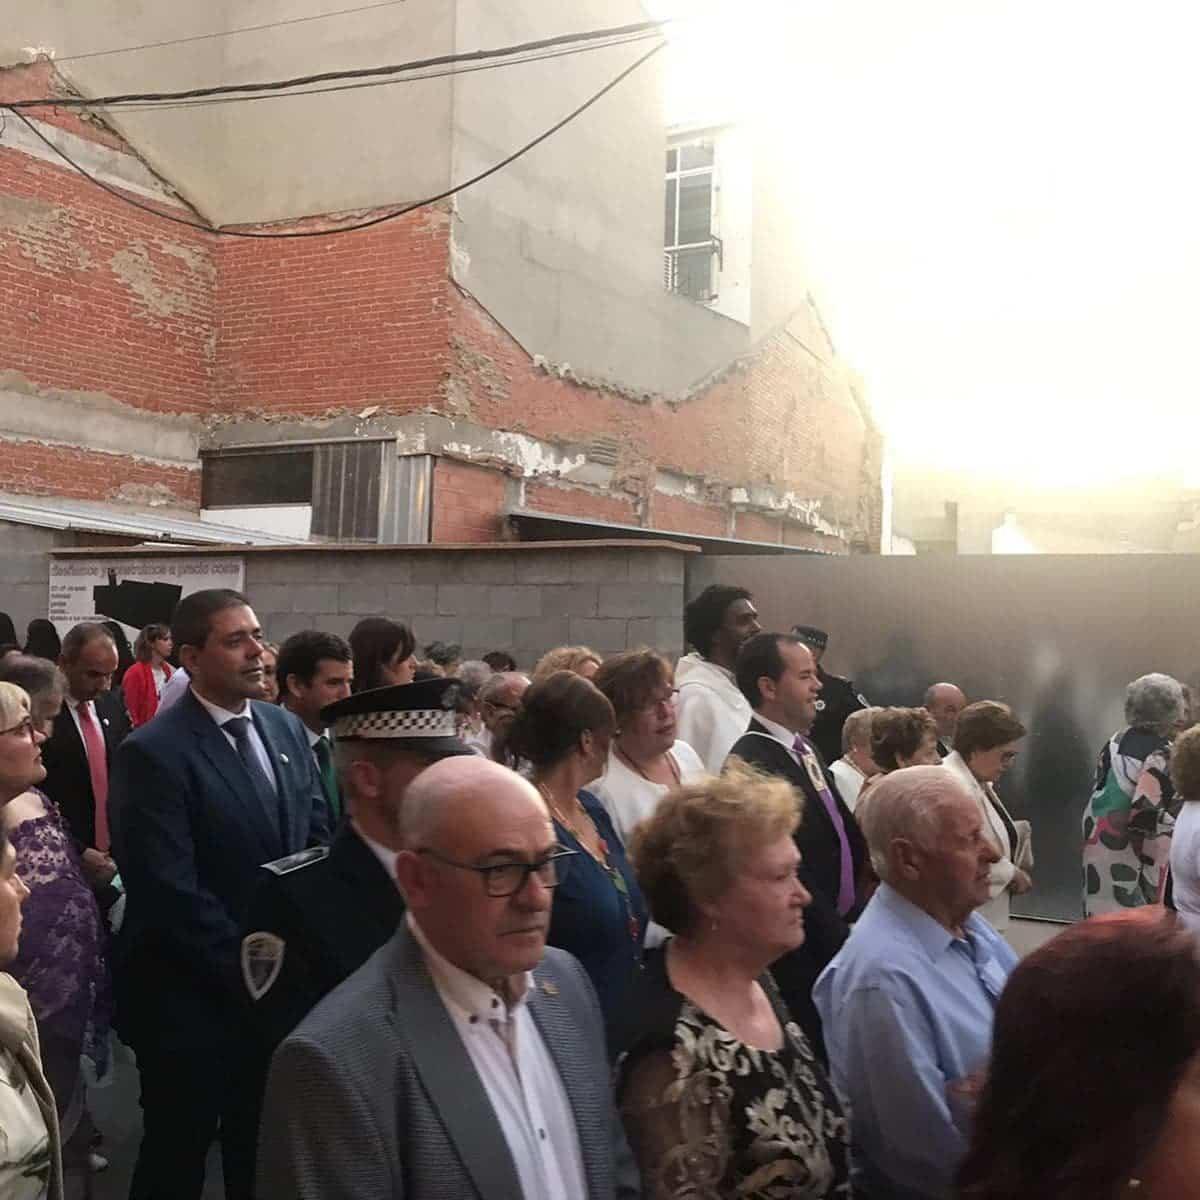 Magna procesión de nuestra Santísima Madre cierra la Feria y Fiestas herenciana 20